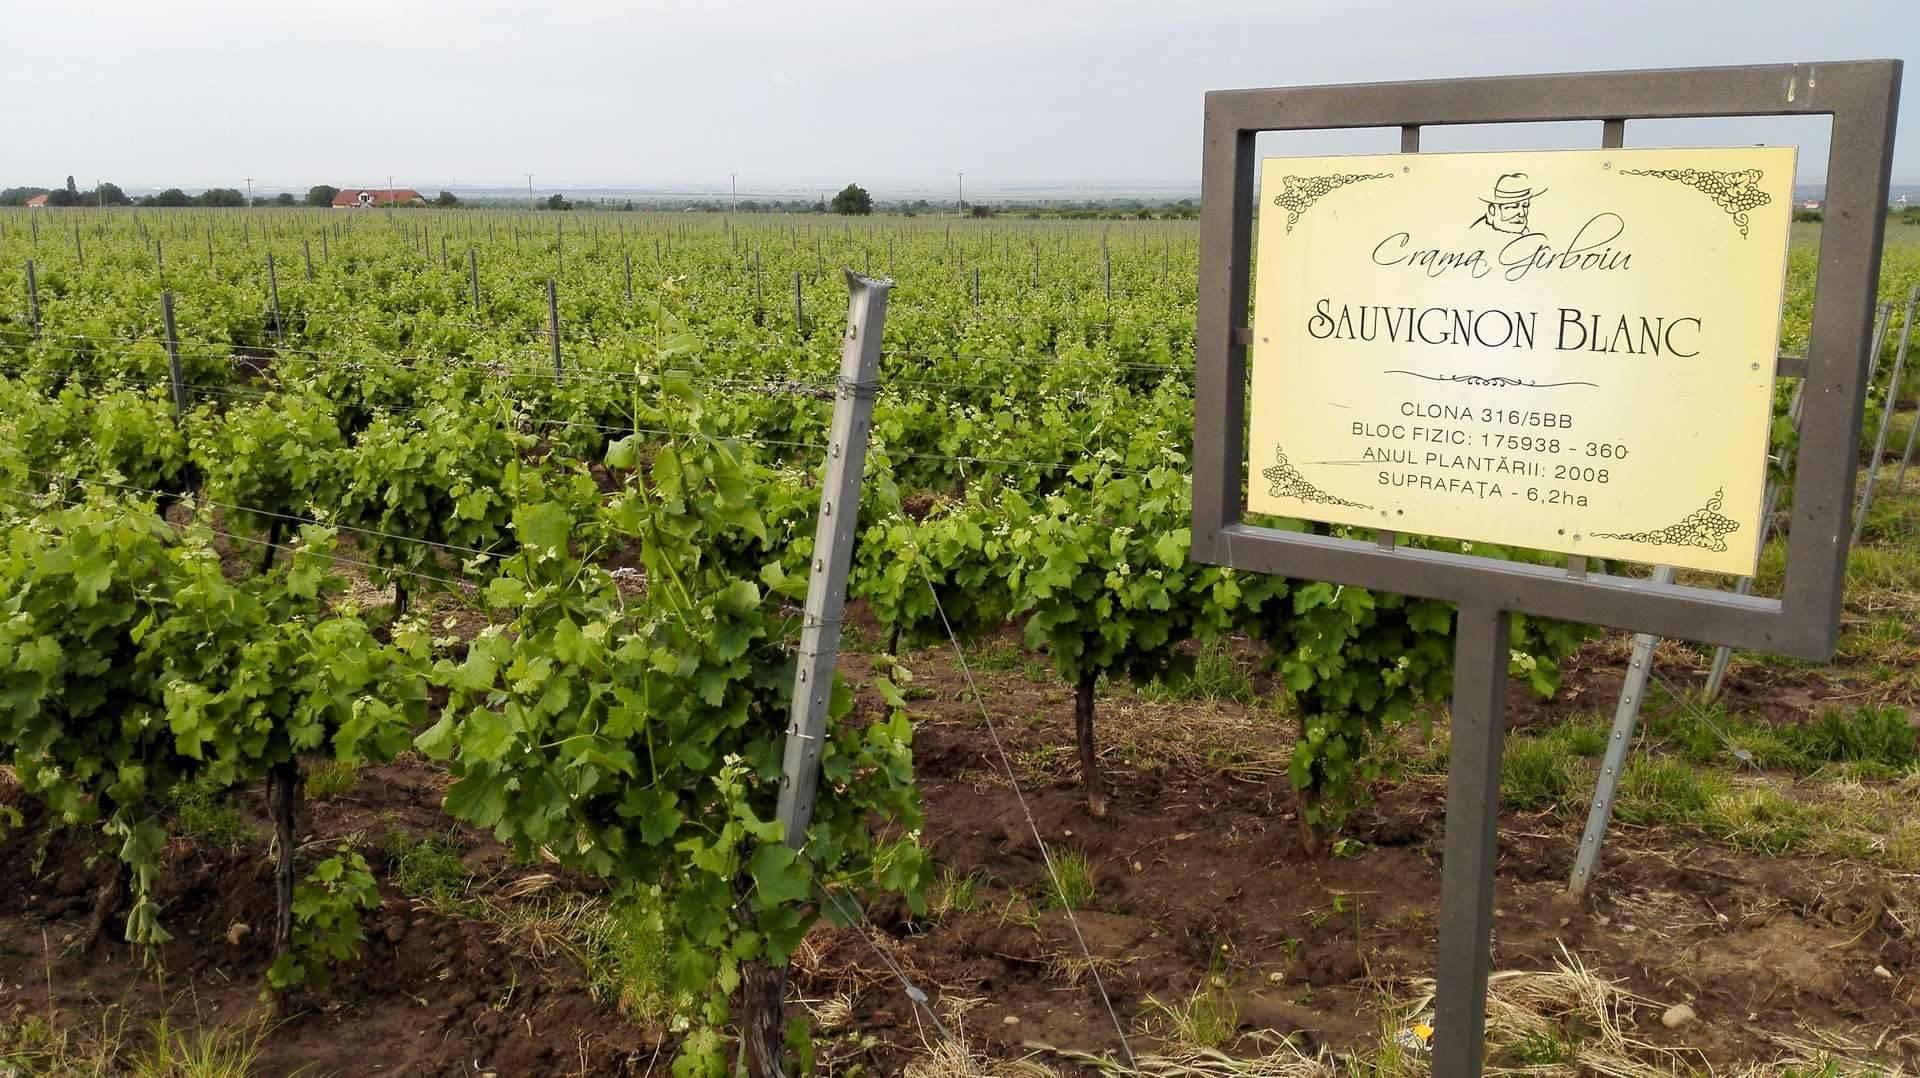 Wycieczka na winobranie w Egerze